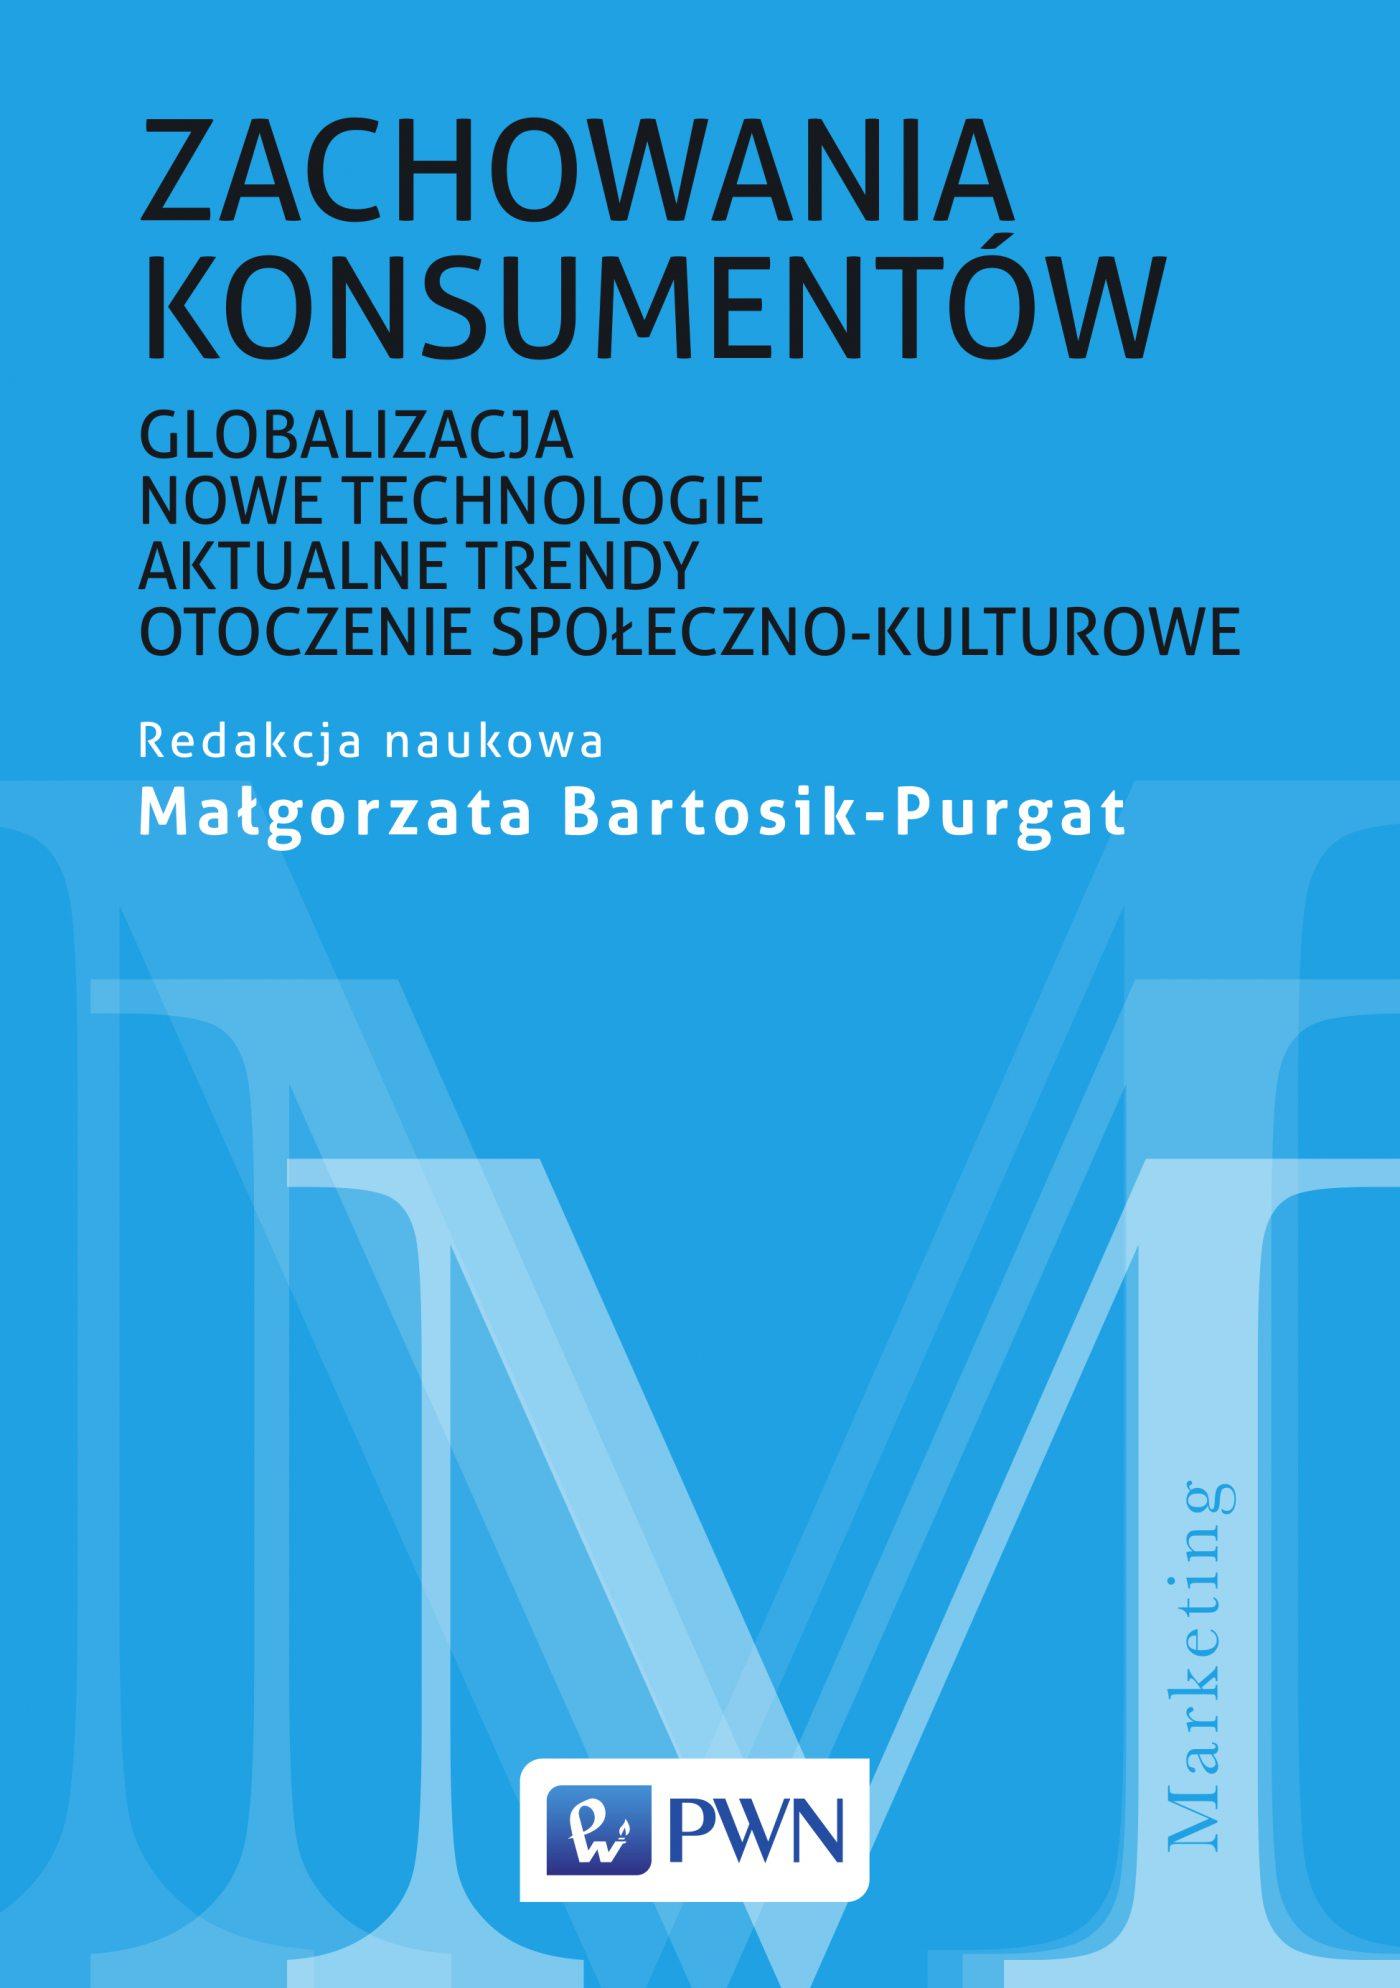 Zachowania konsumentów. Globalizacja, nowe technologie, aktualne trendy, otoczenie społeczno-kulturowe - Ebook (Książka na Kindle) do pobrania w formacie MOBI